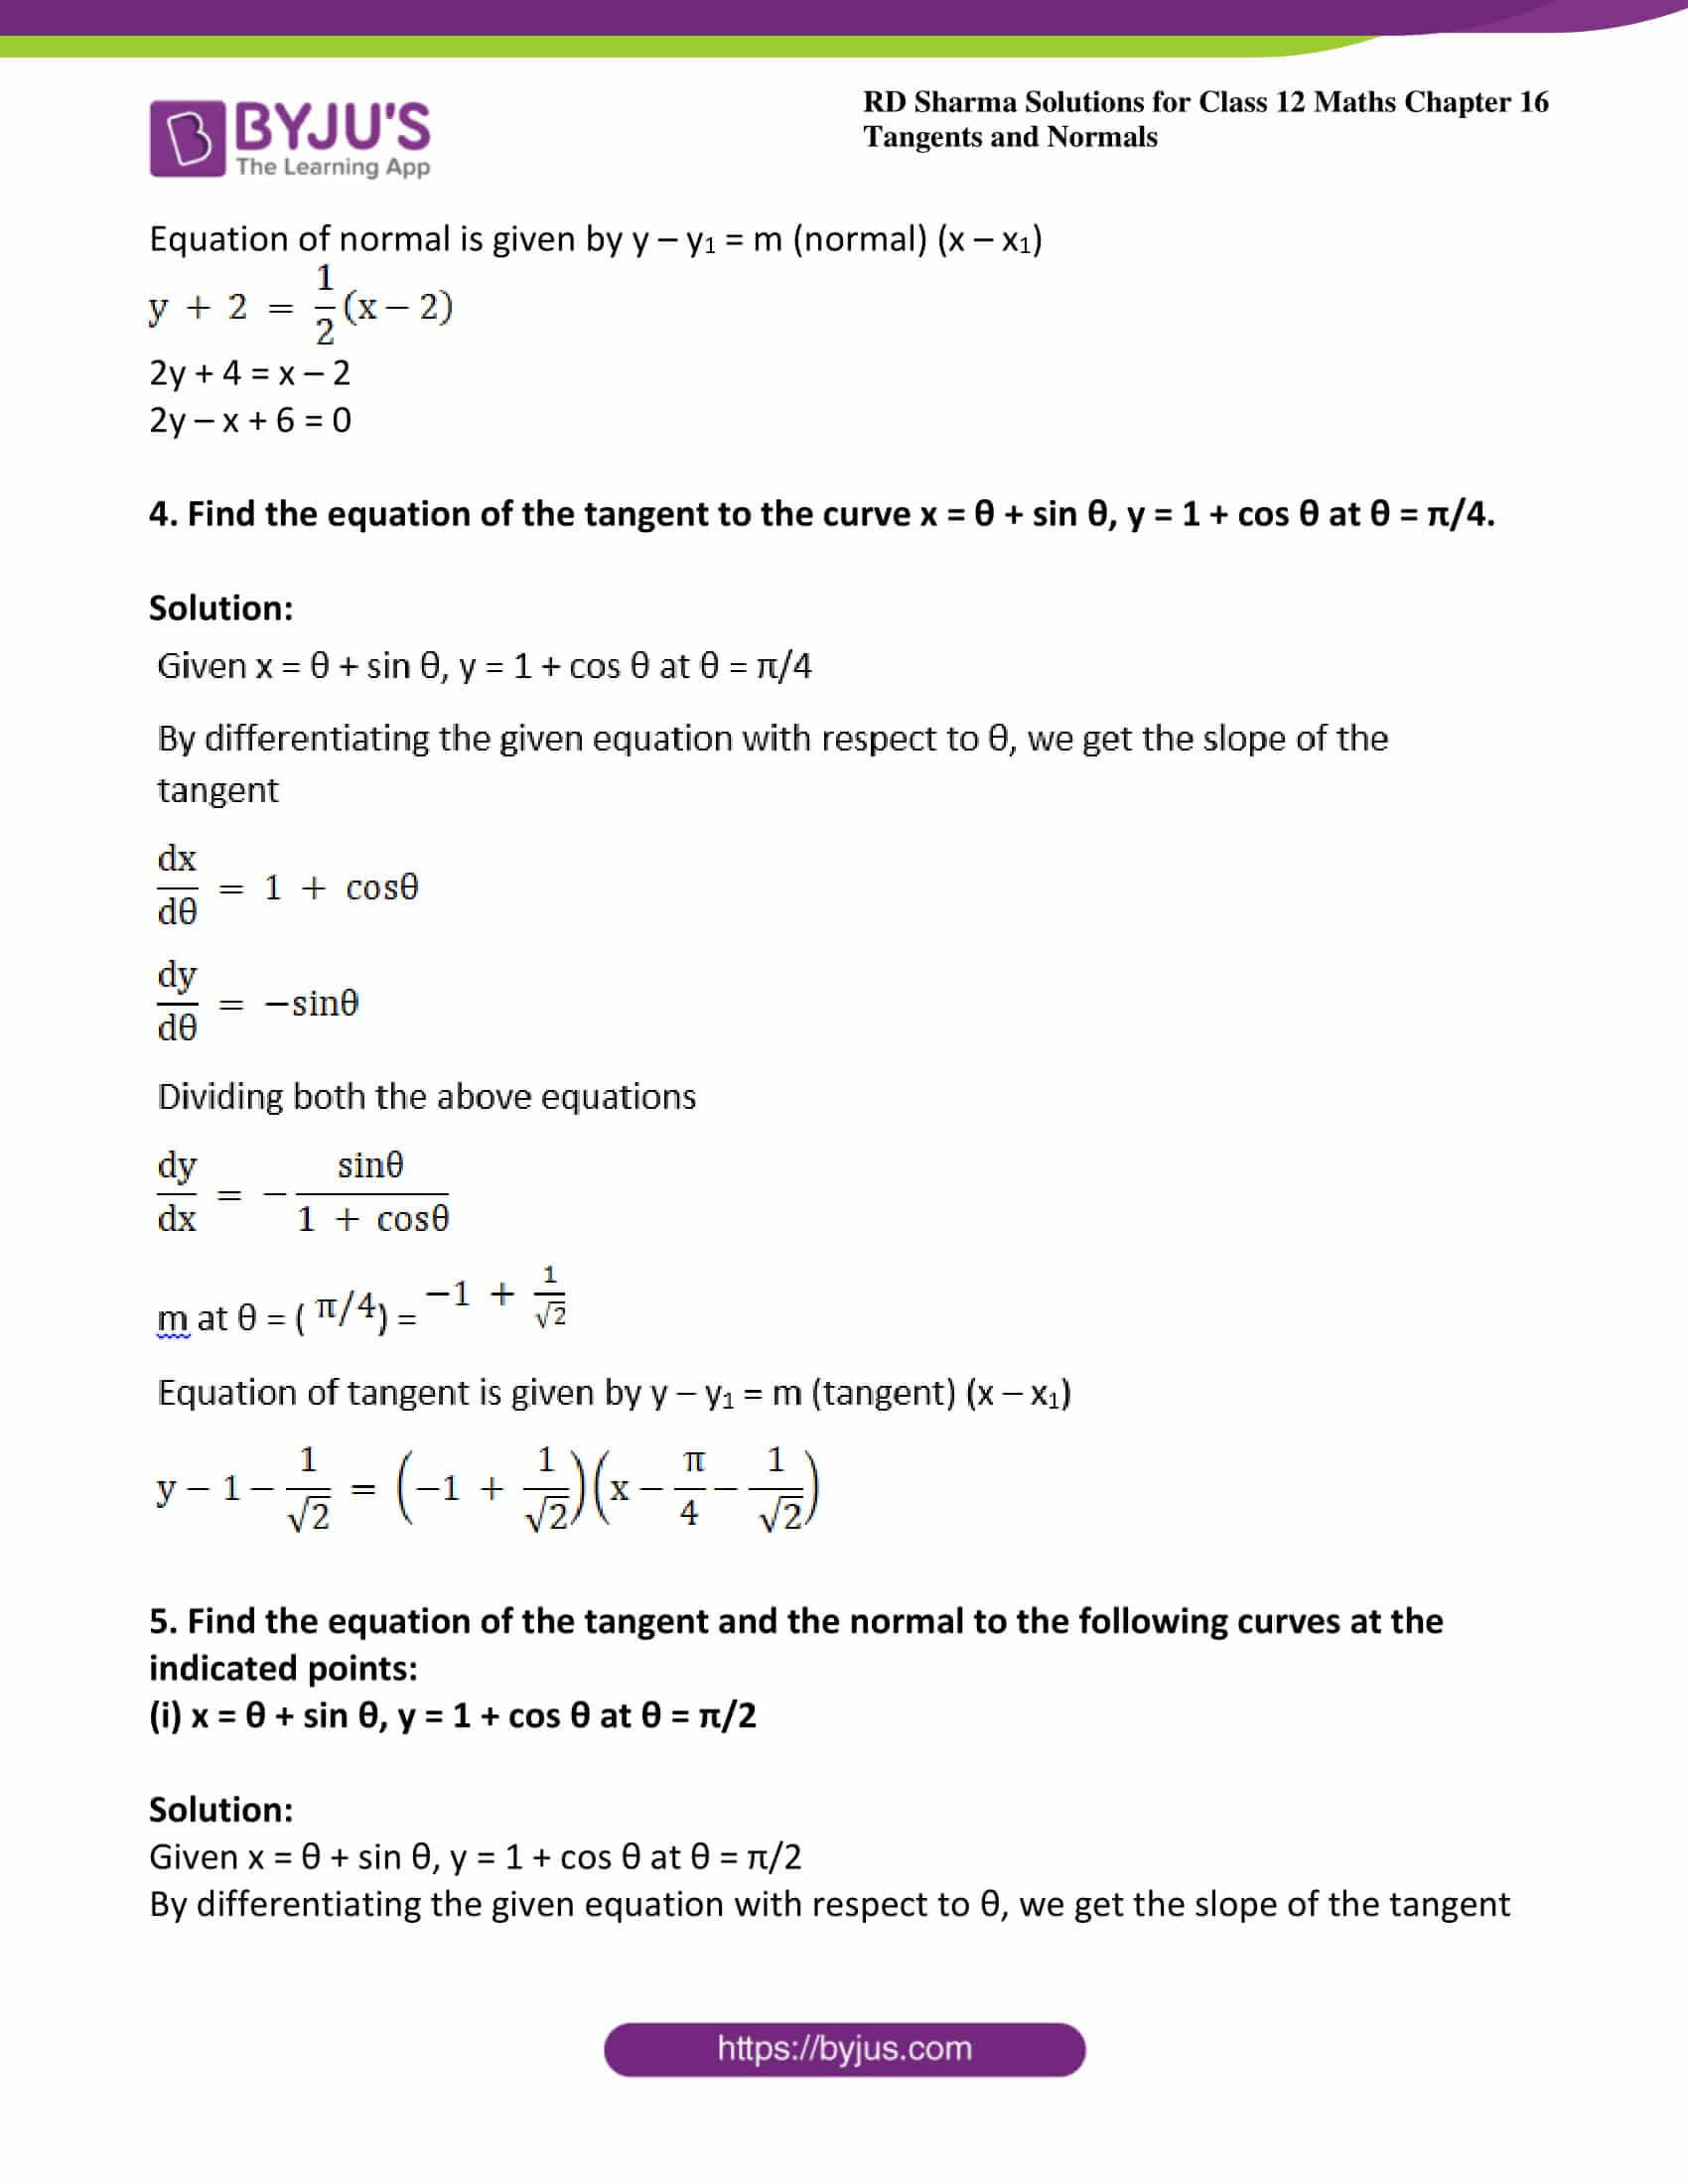 rd sharma class 12 maths solutions chapter 16 ex 2 05